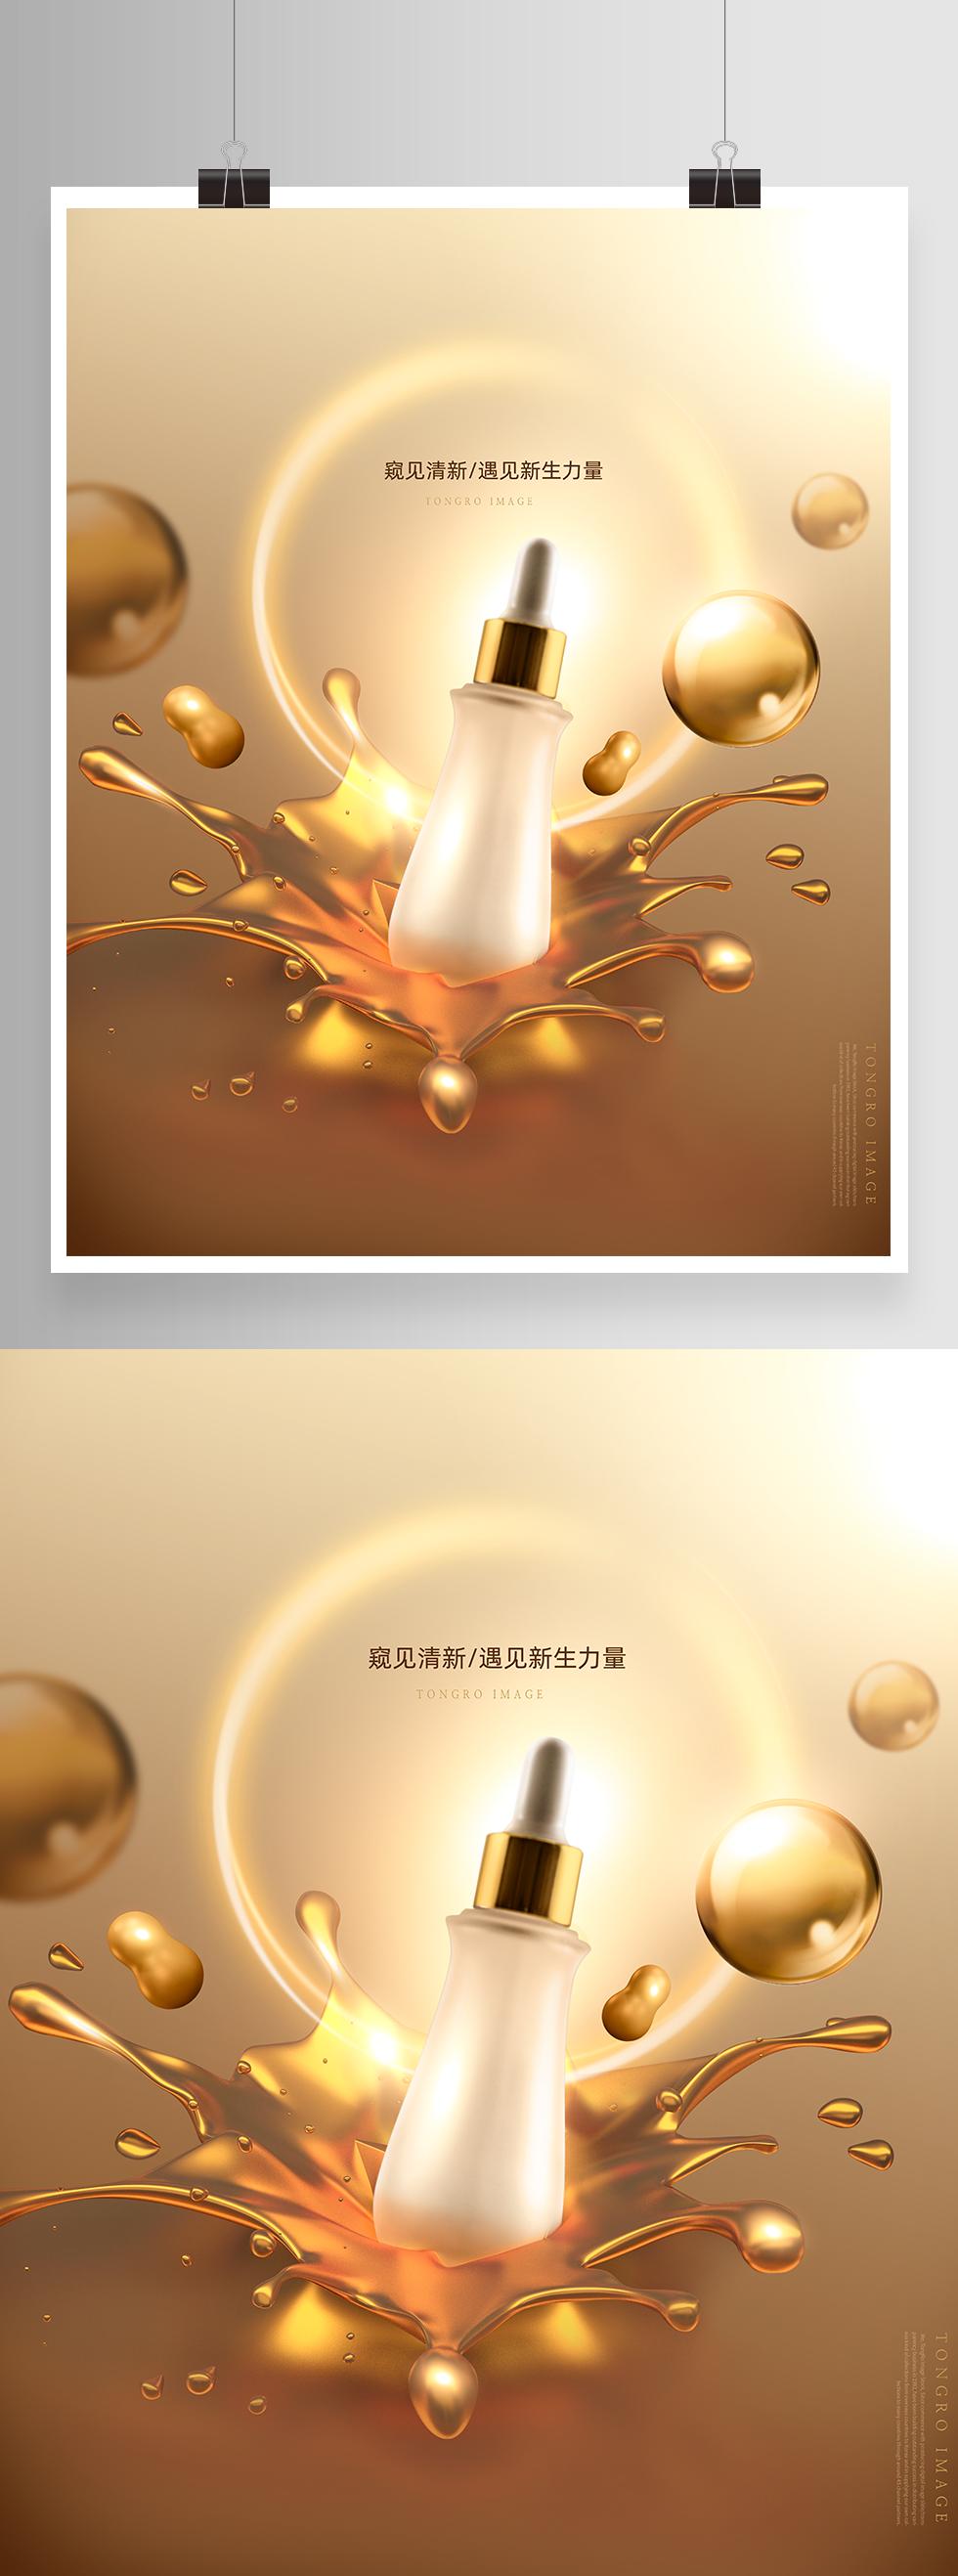 高端金色化妆品护肤品精华水滴海报背景psd分层设计素材(11)